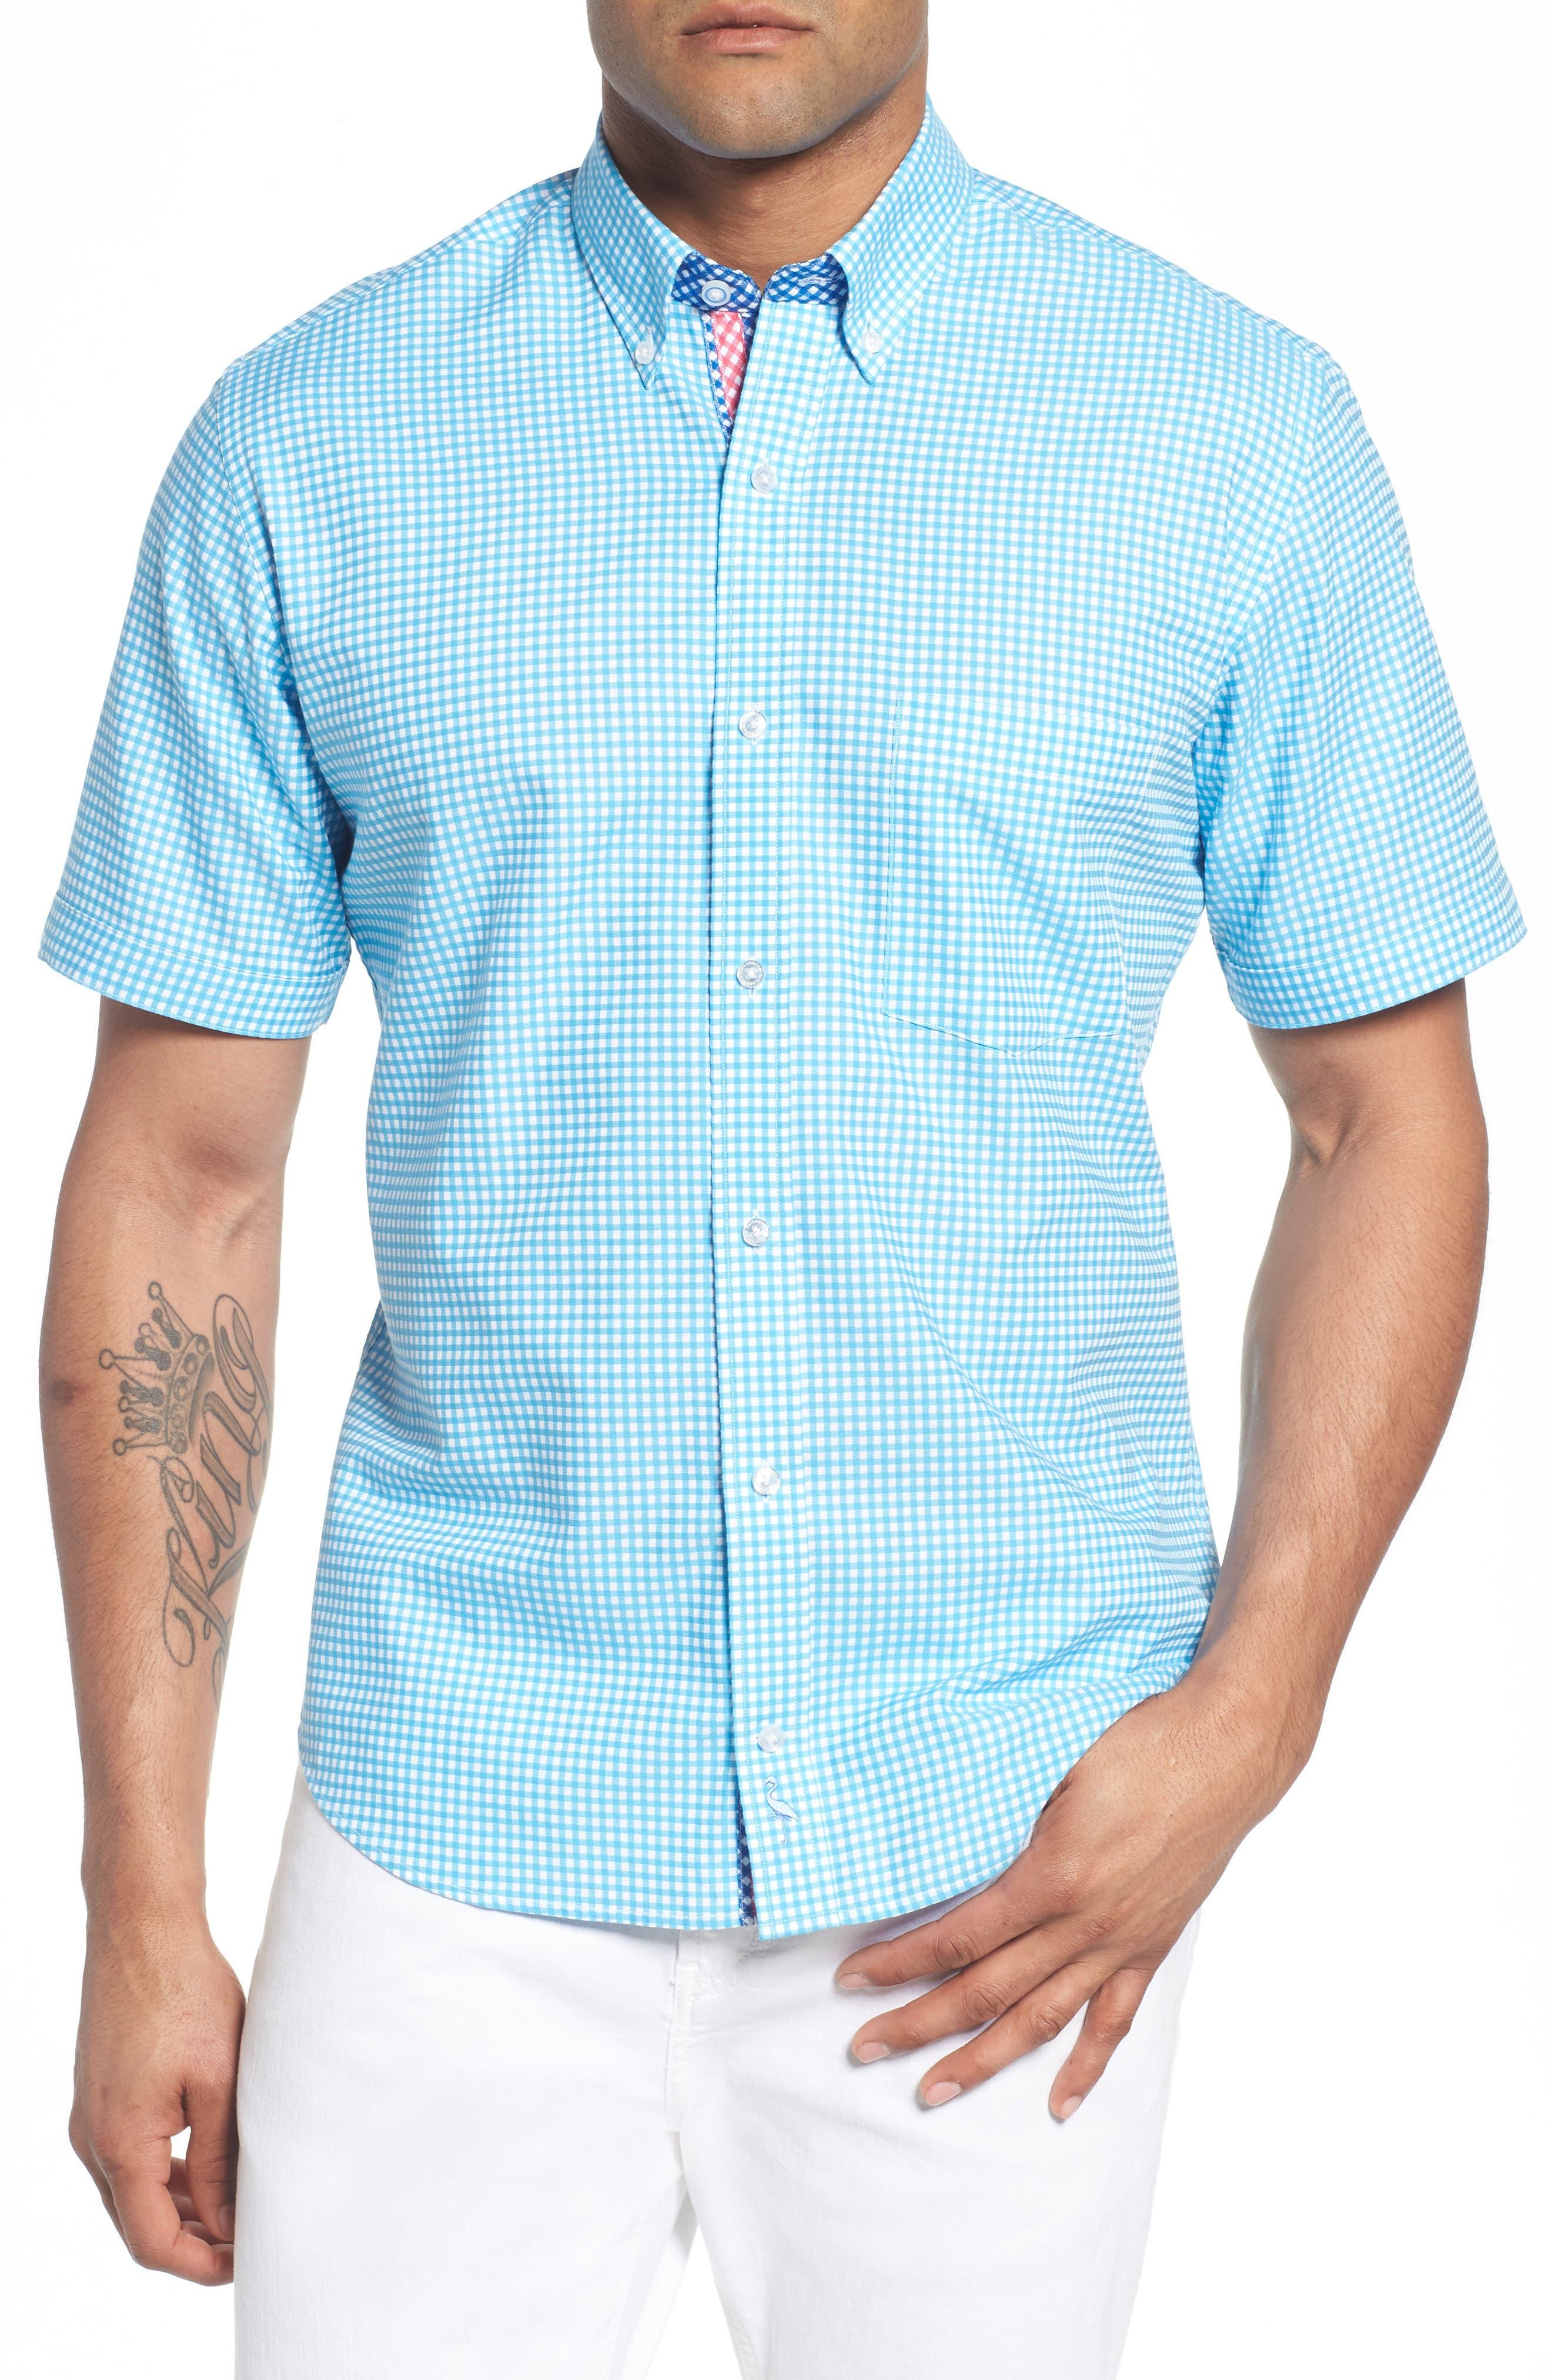 Aden Regular Fit Sport Shirt,                         Main,                         color, Aqua